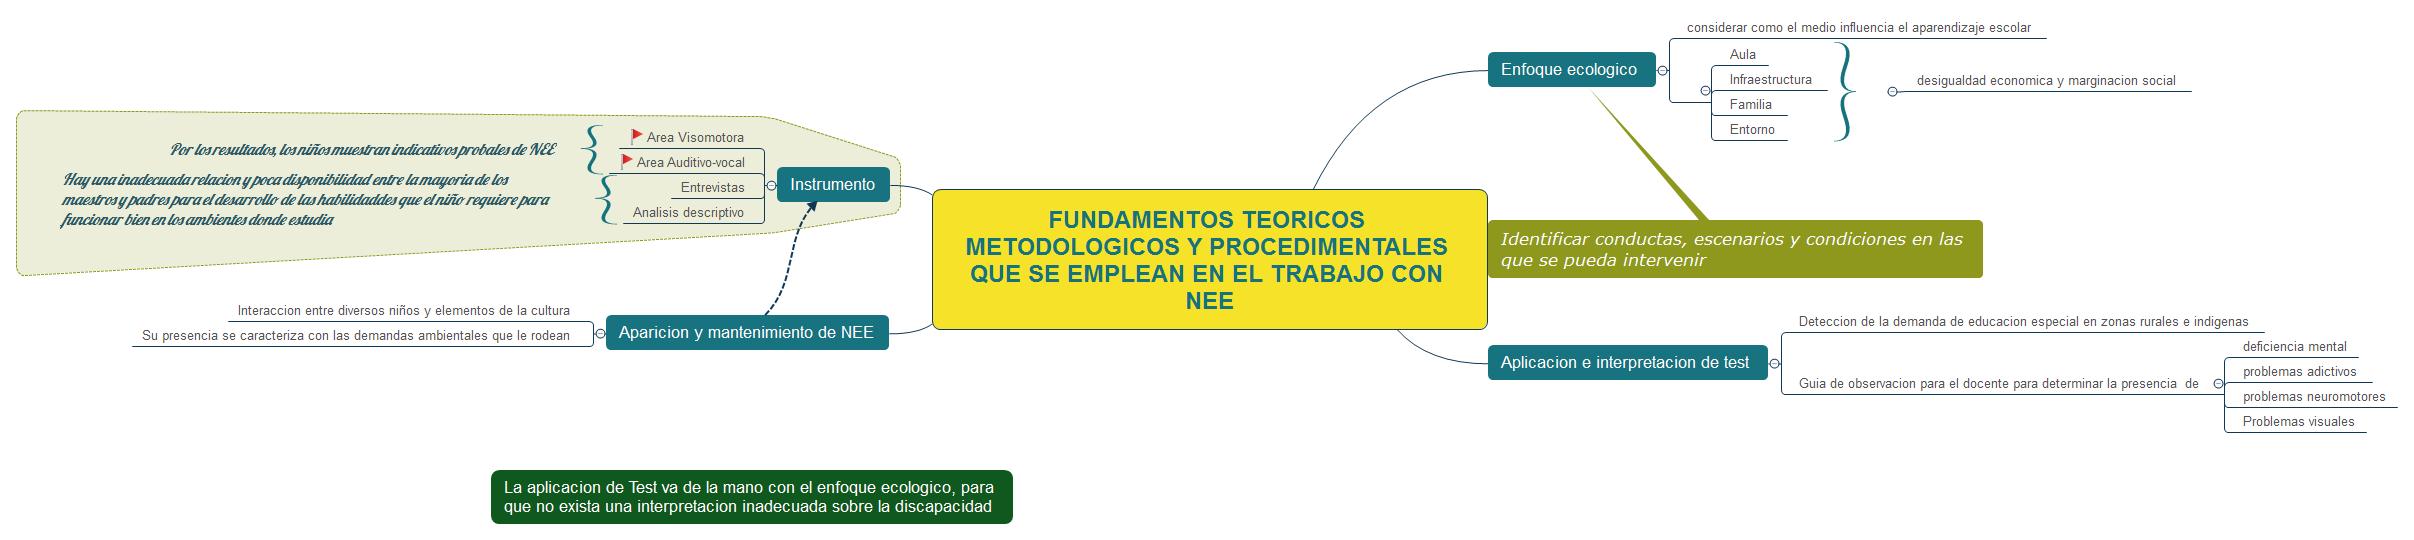 FUNDAMENTOS TEORICOS METODOLOGICOS Y PROCEDIMENTALES QUE SE EMPLEAN EN EL TRABAJO CON NEE